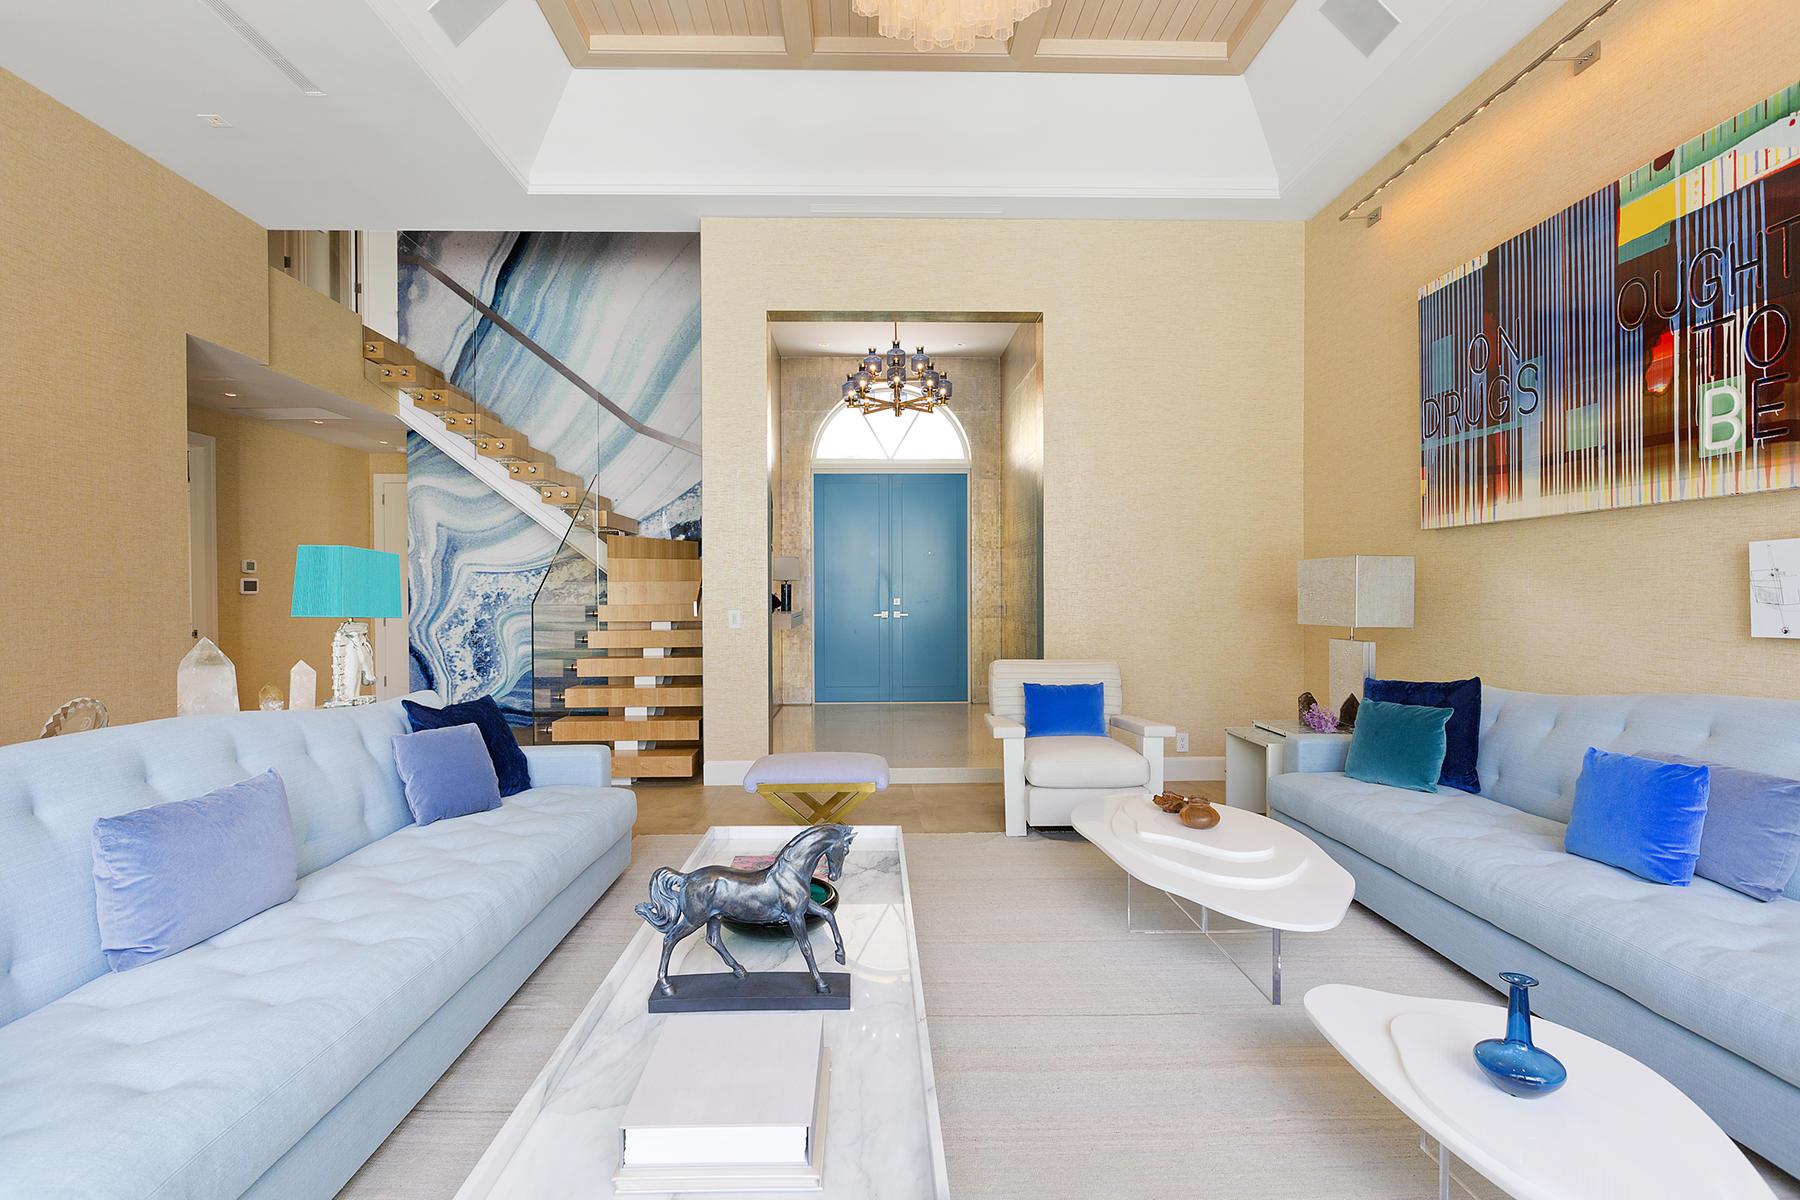 08_Foyer_livingroom